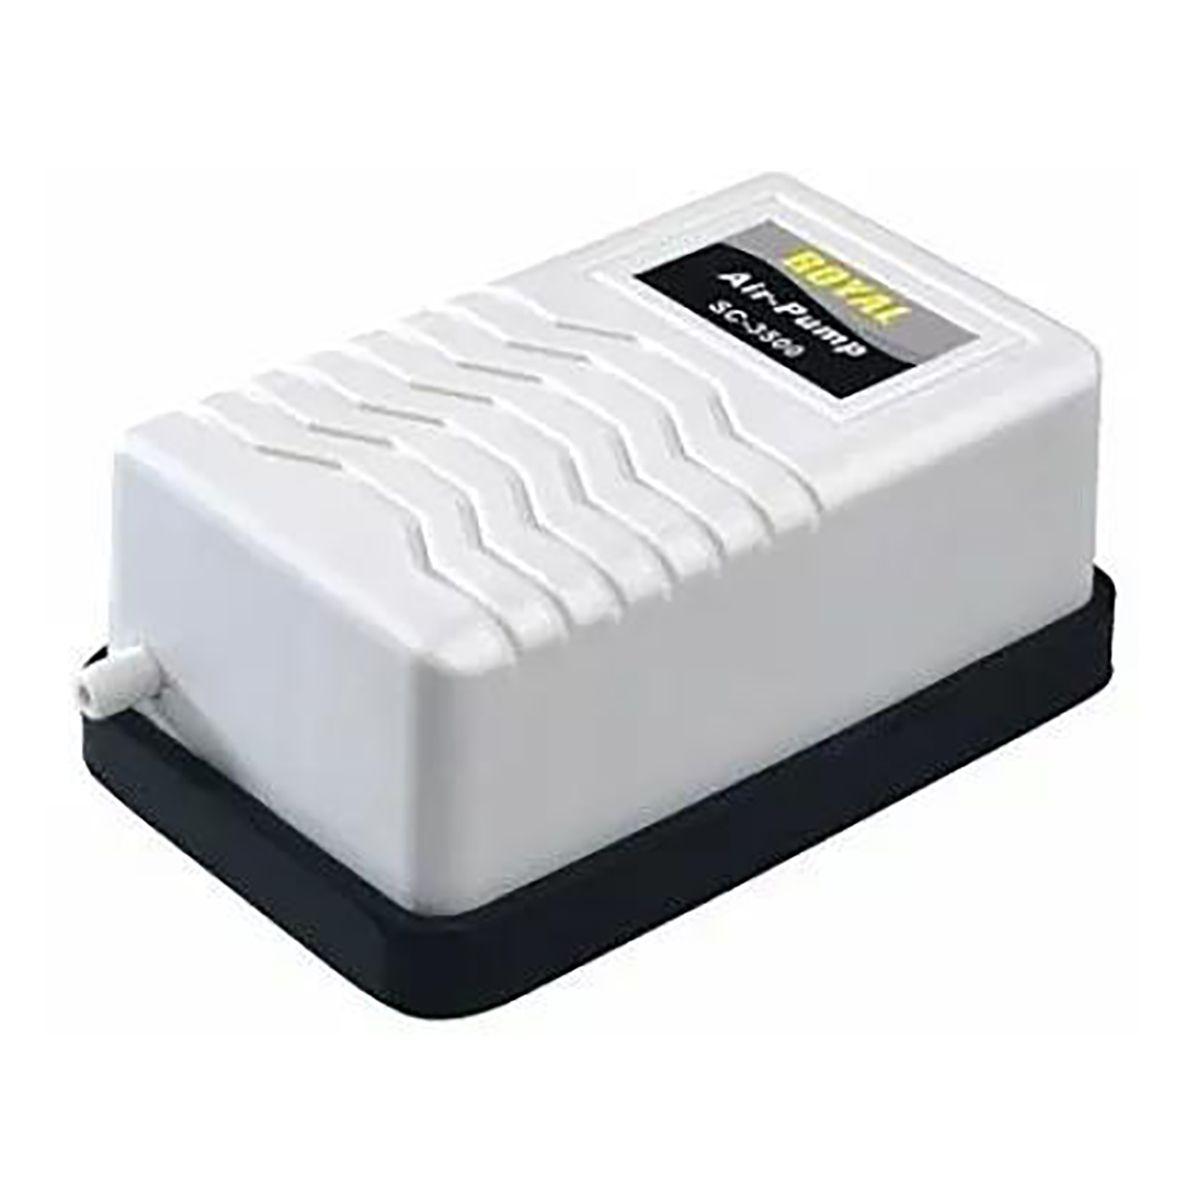 Kit Compressor De Ar Boyu SC-3500 para Aquários 127v